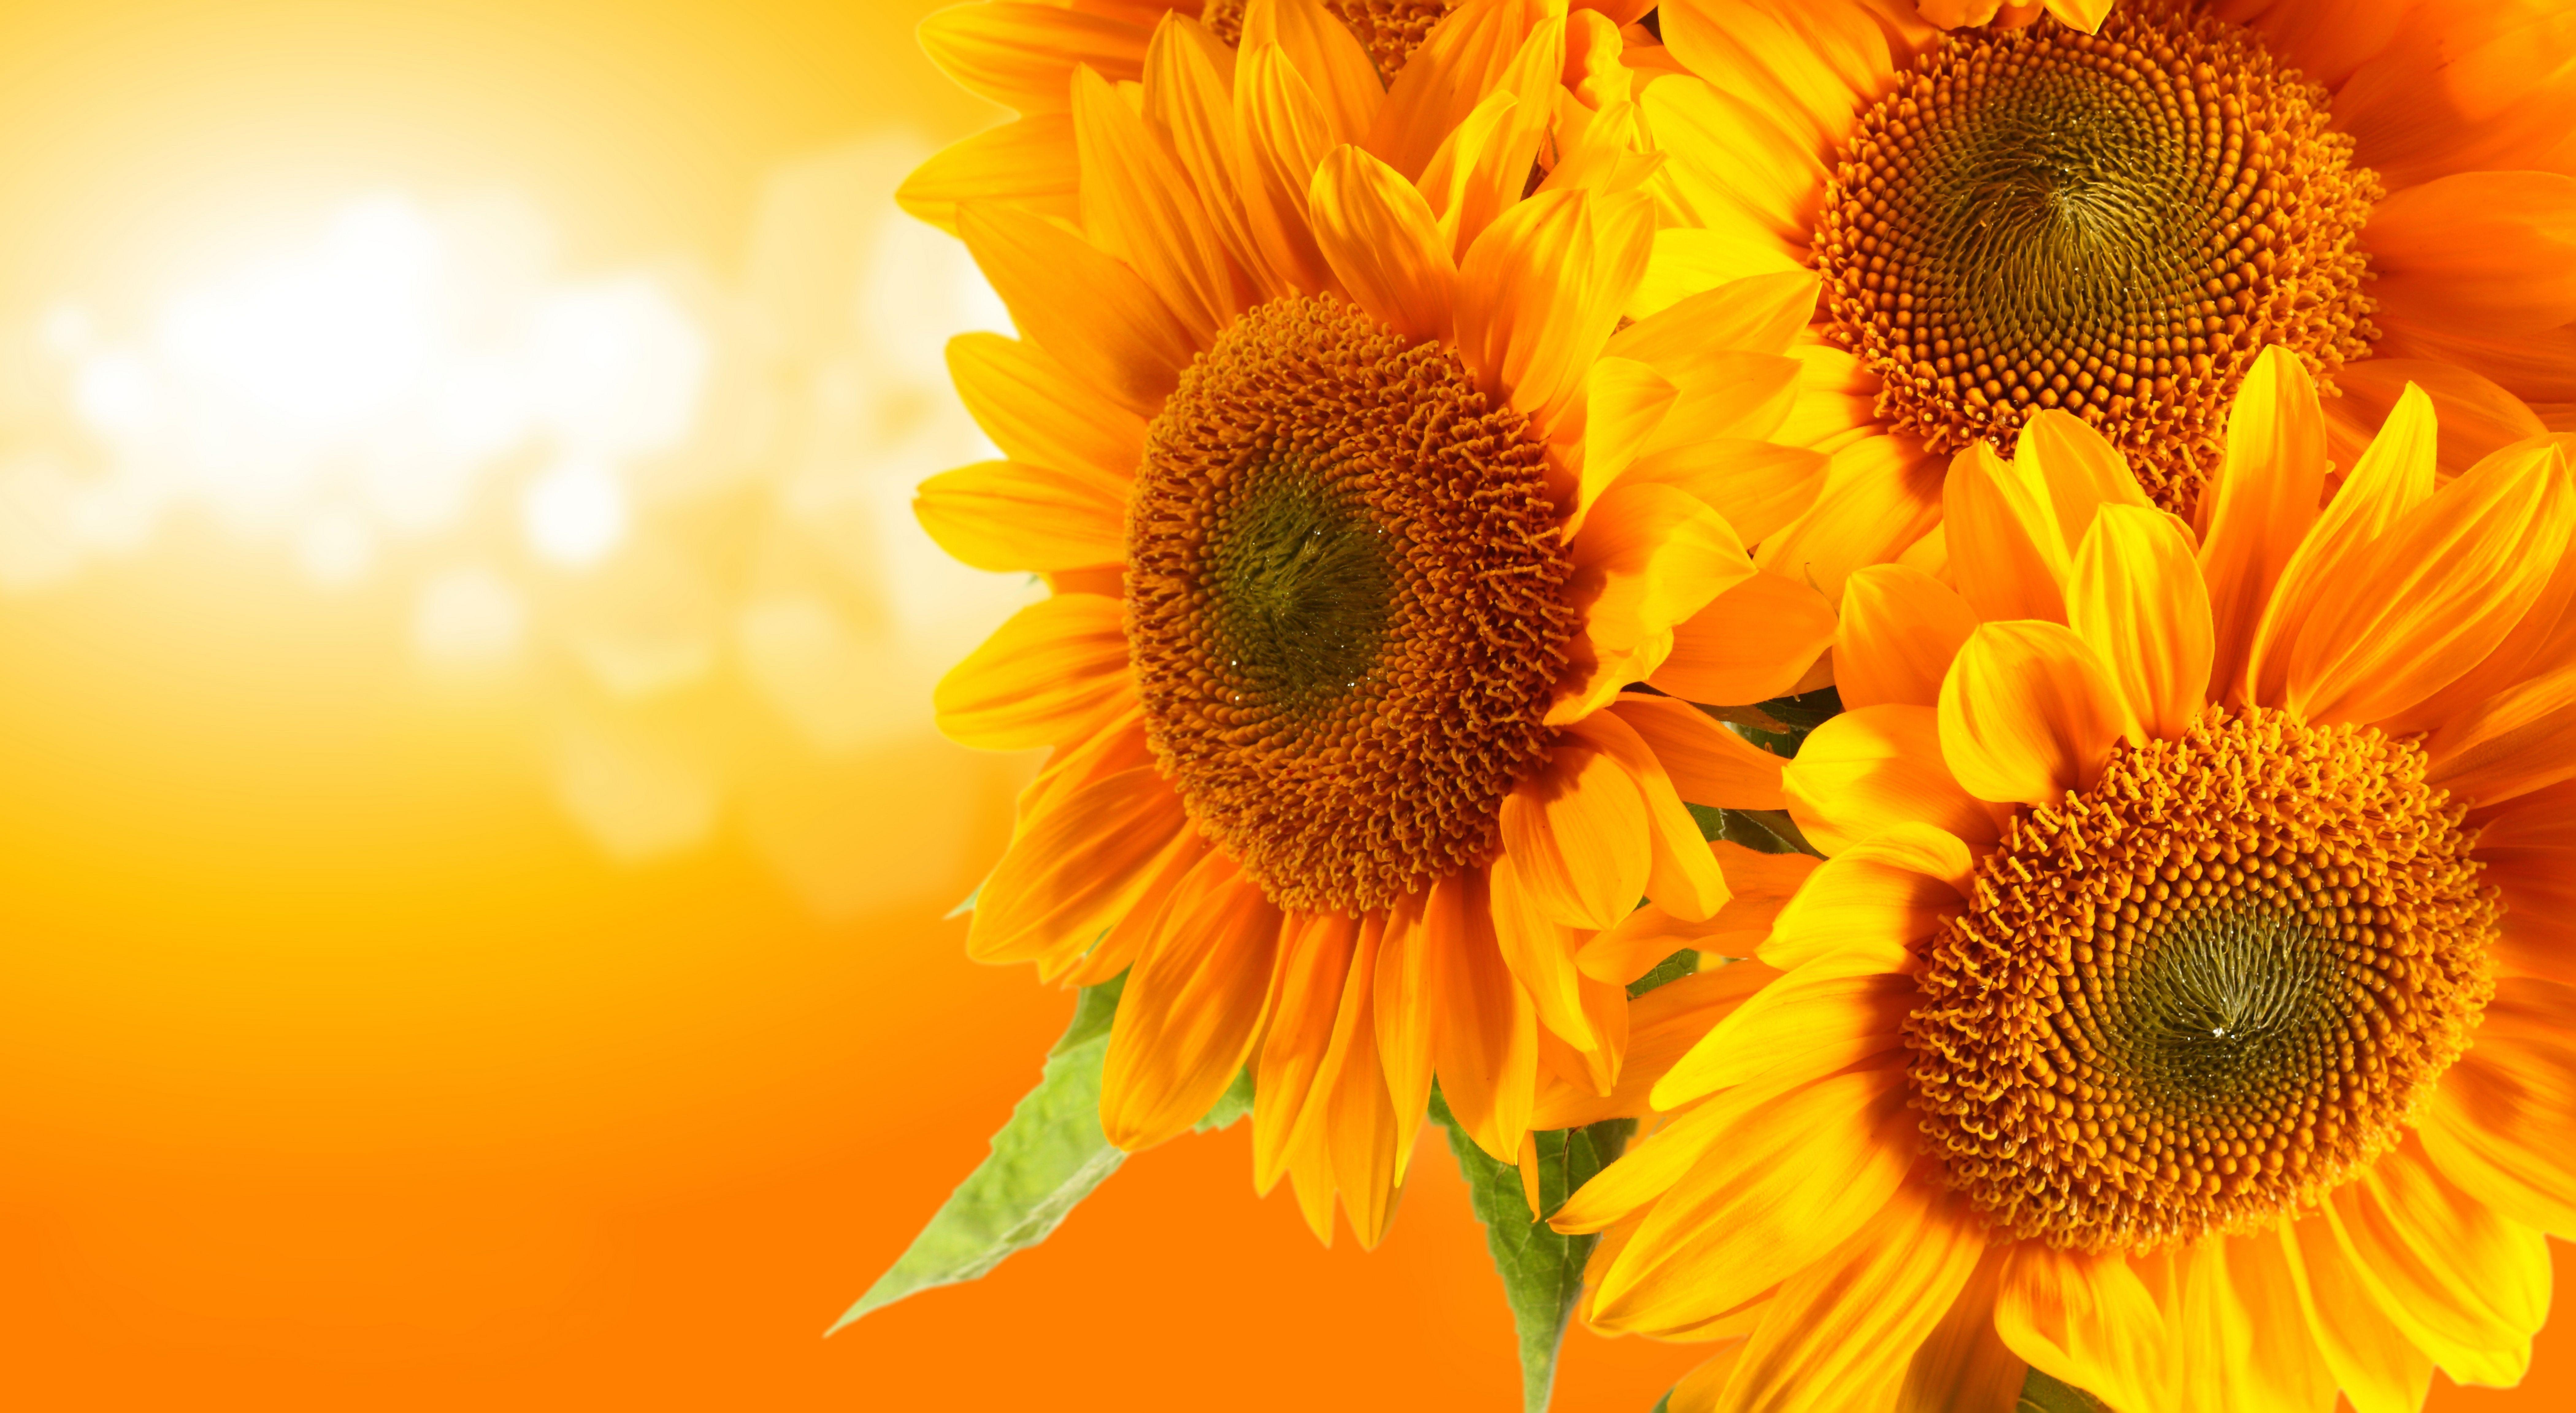 На тему цветы каждый день на сайте вас